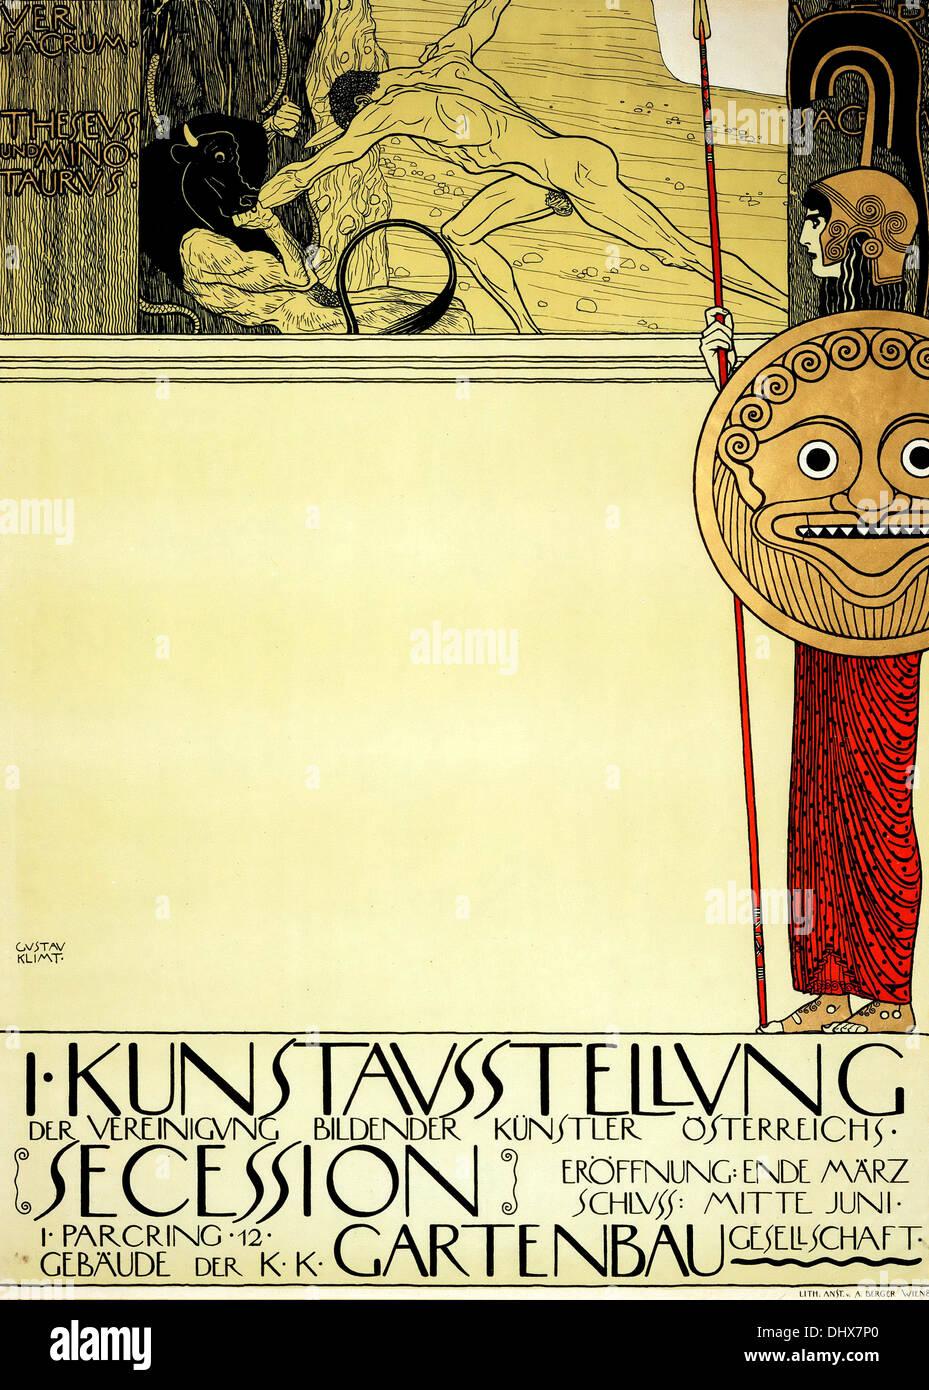 Il poster della 1a Secession exhibition - Gustav Klimt, 1898 - solo uso editoriale. Immagini Stock